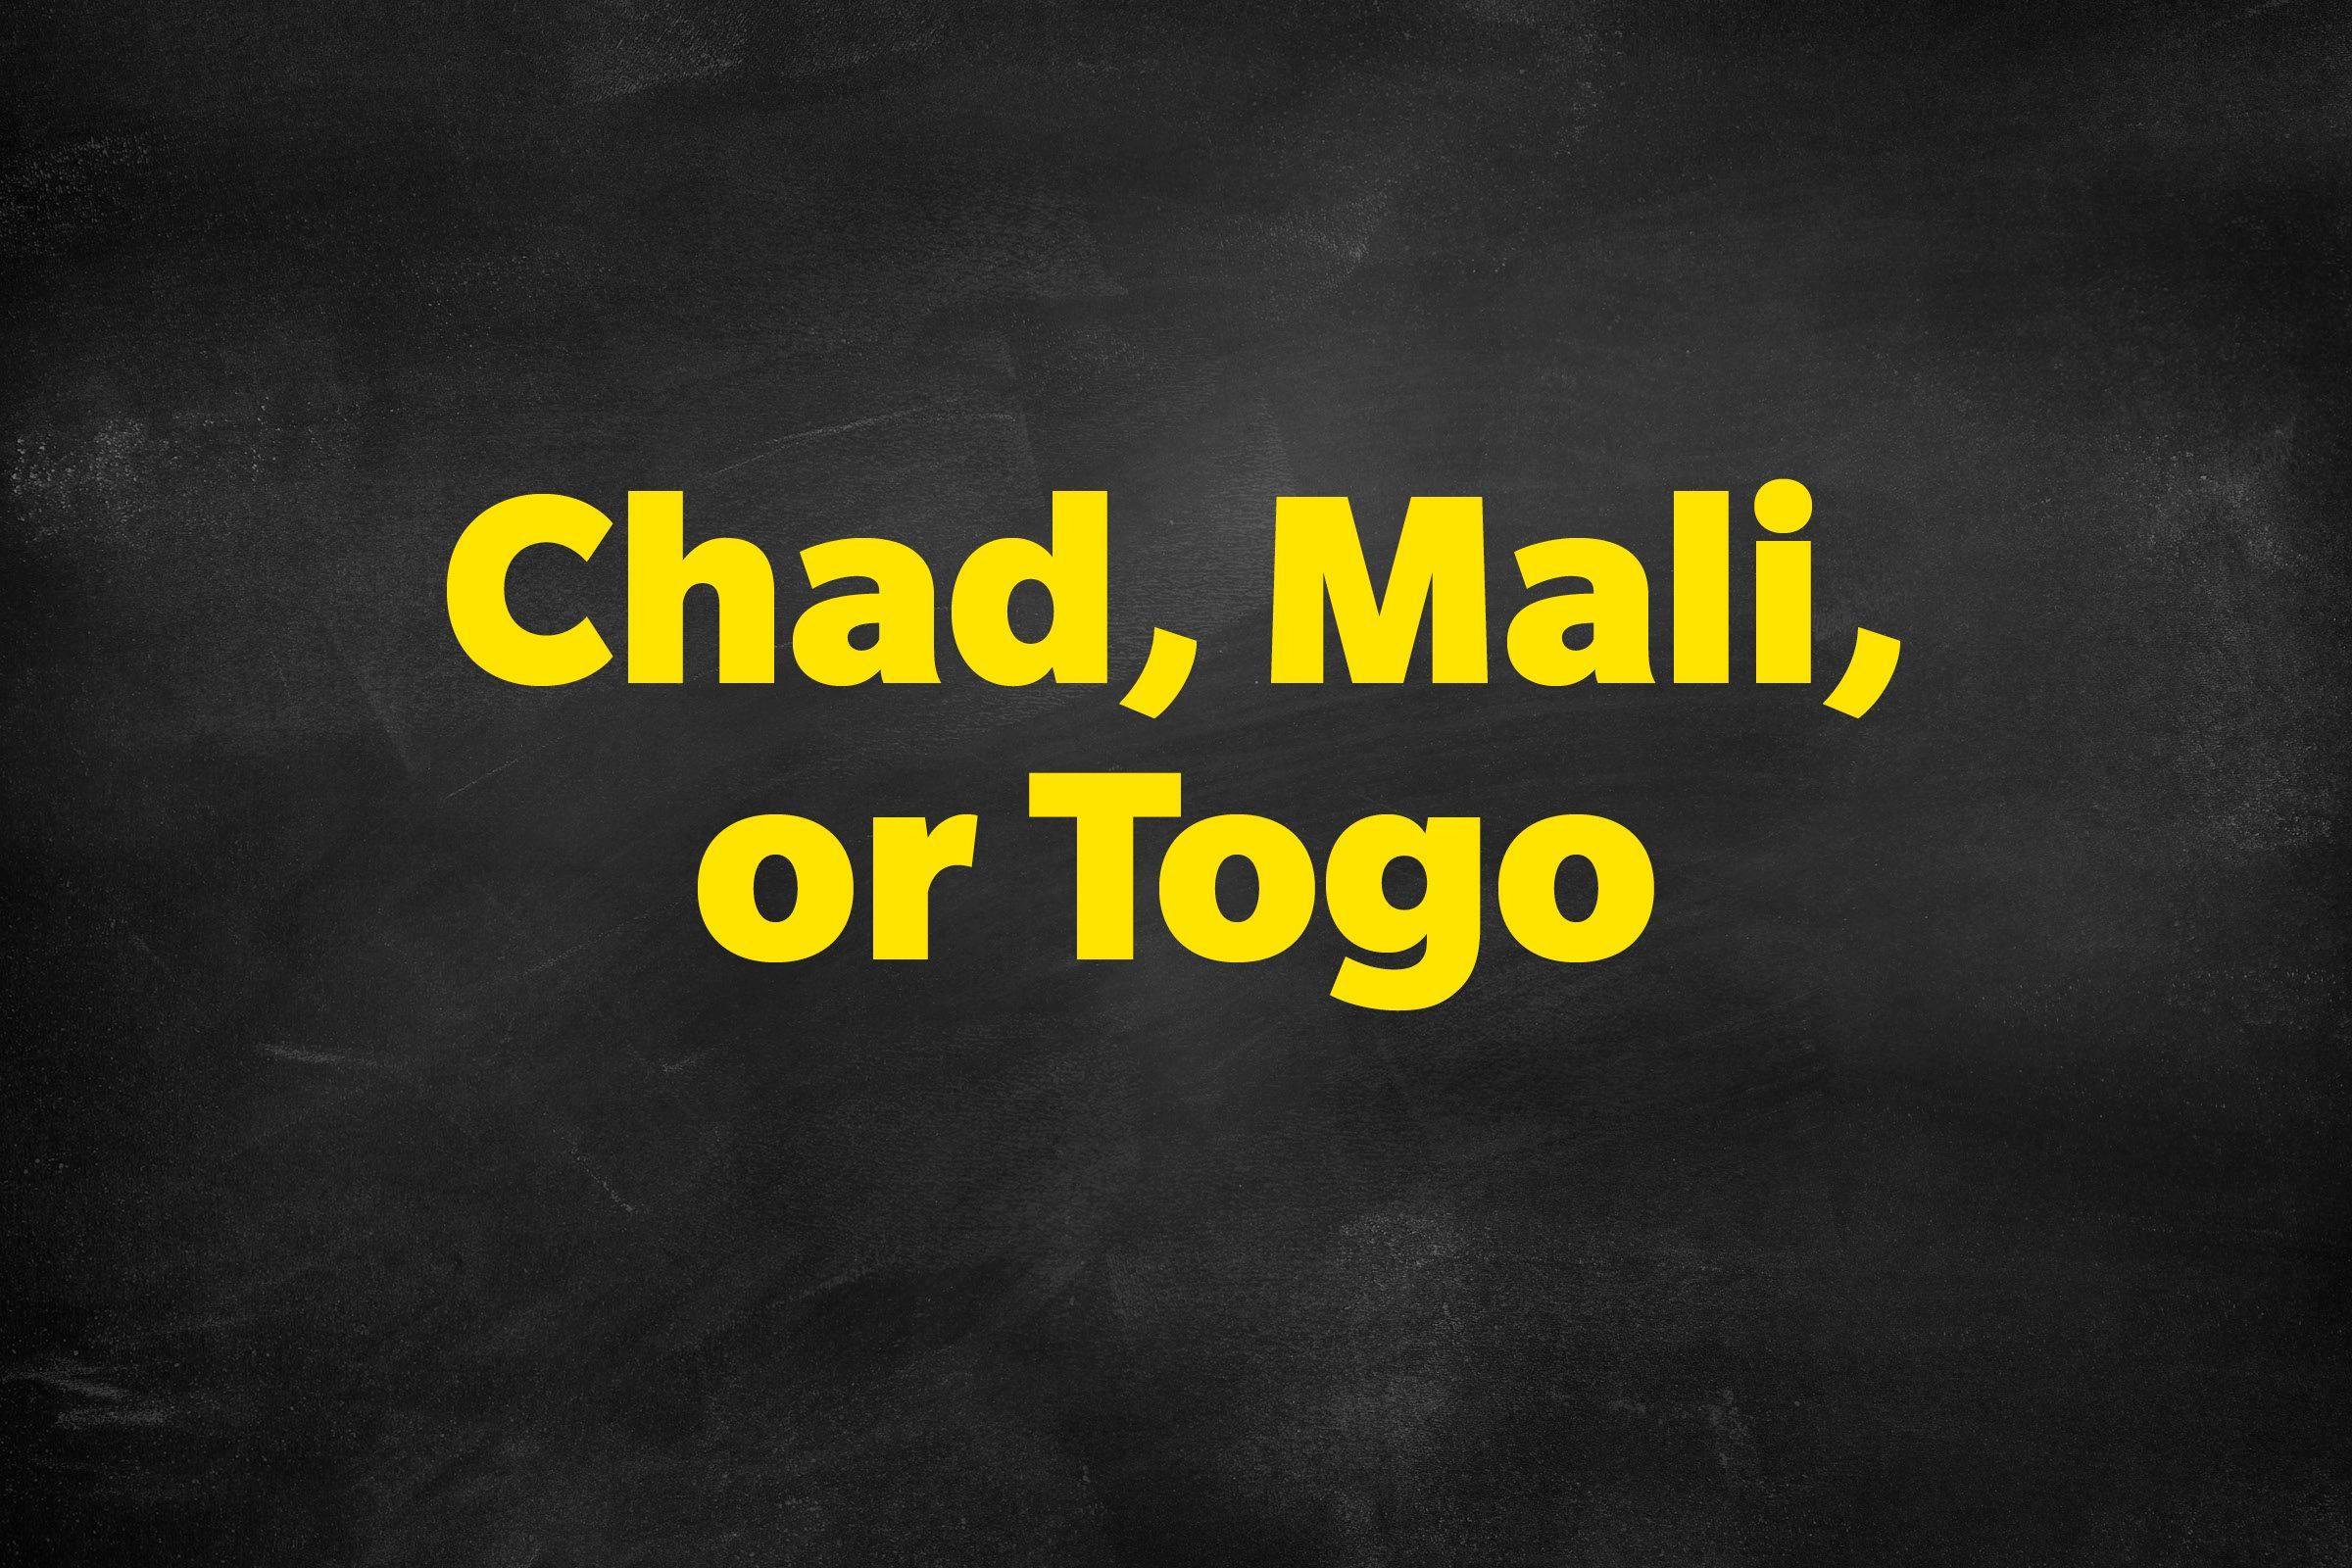 Answer: Chad, Mali, or Togo